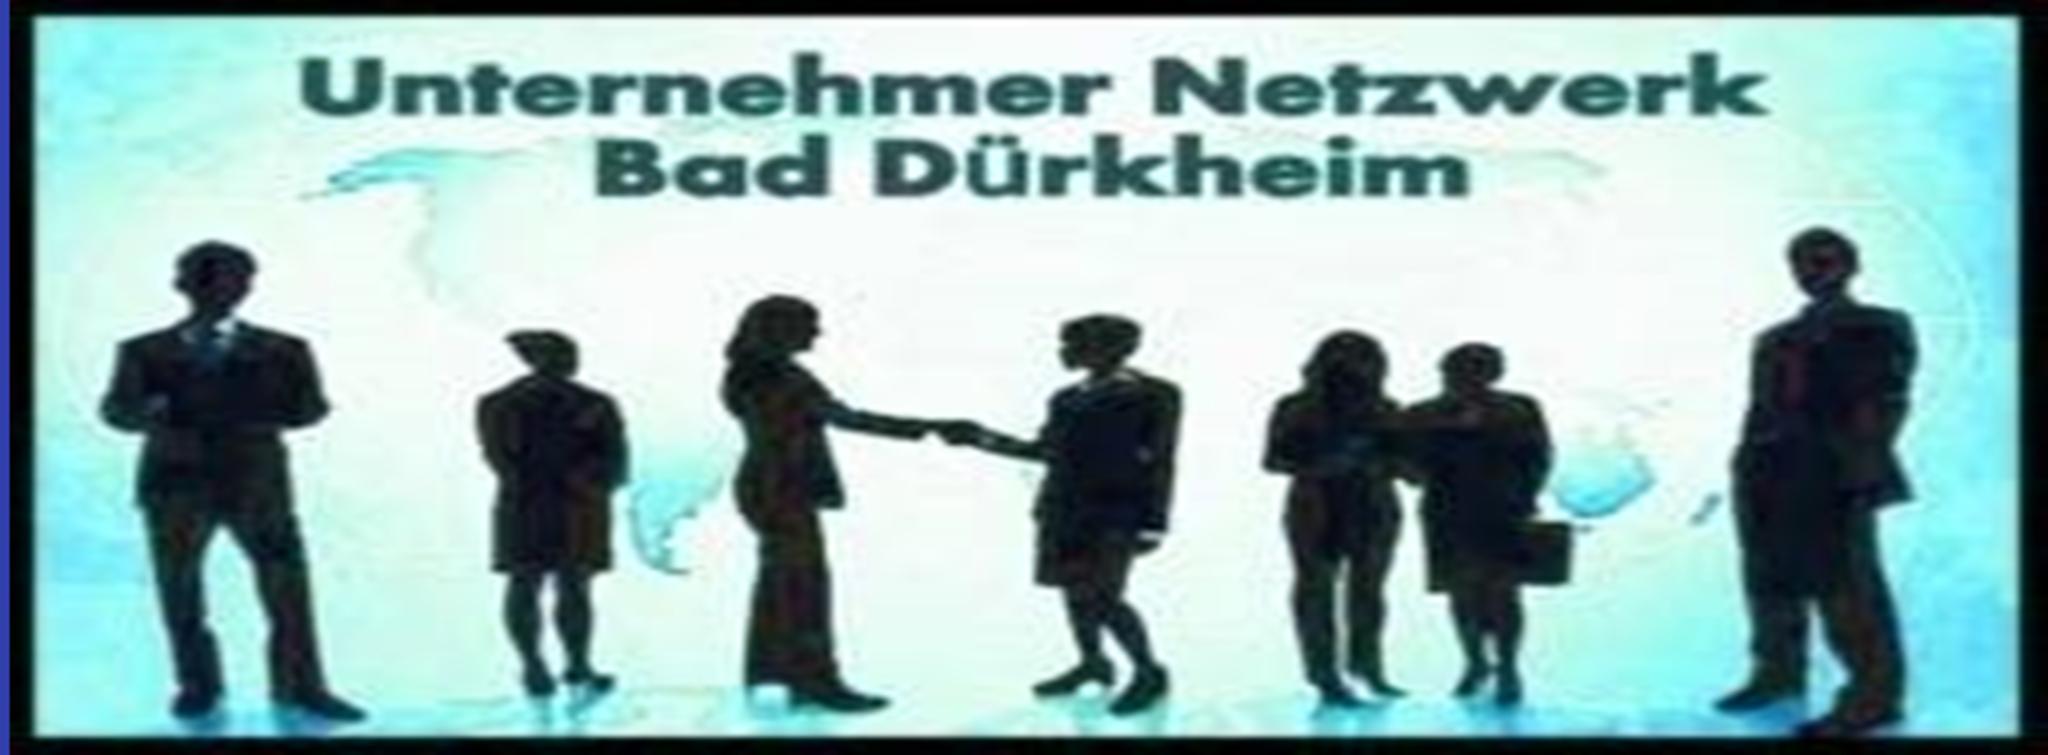 Bad Dürkheim: Unternehmer Netzwerk Bad Dürkheim - Bad Dürkheim